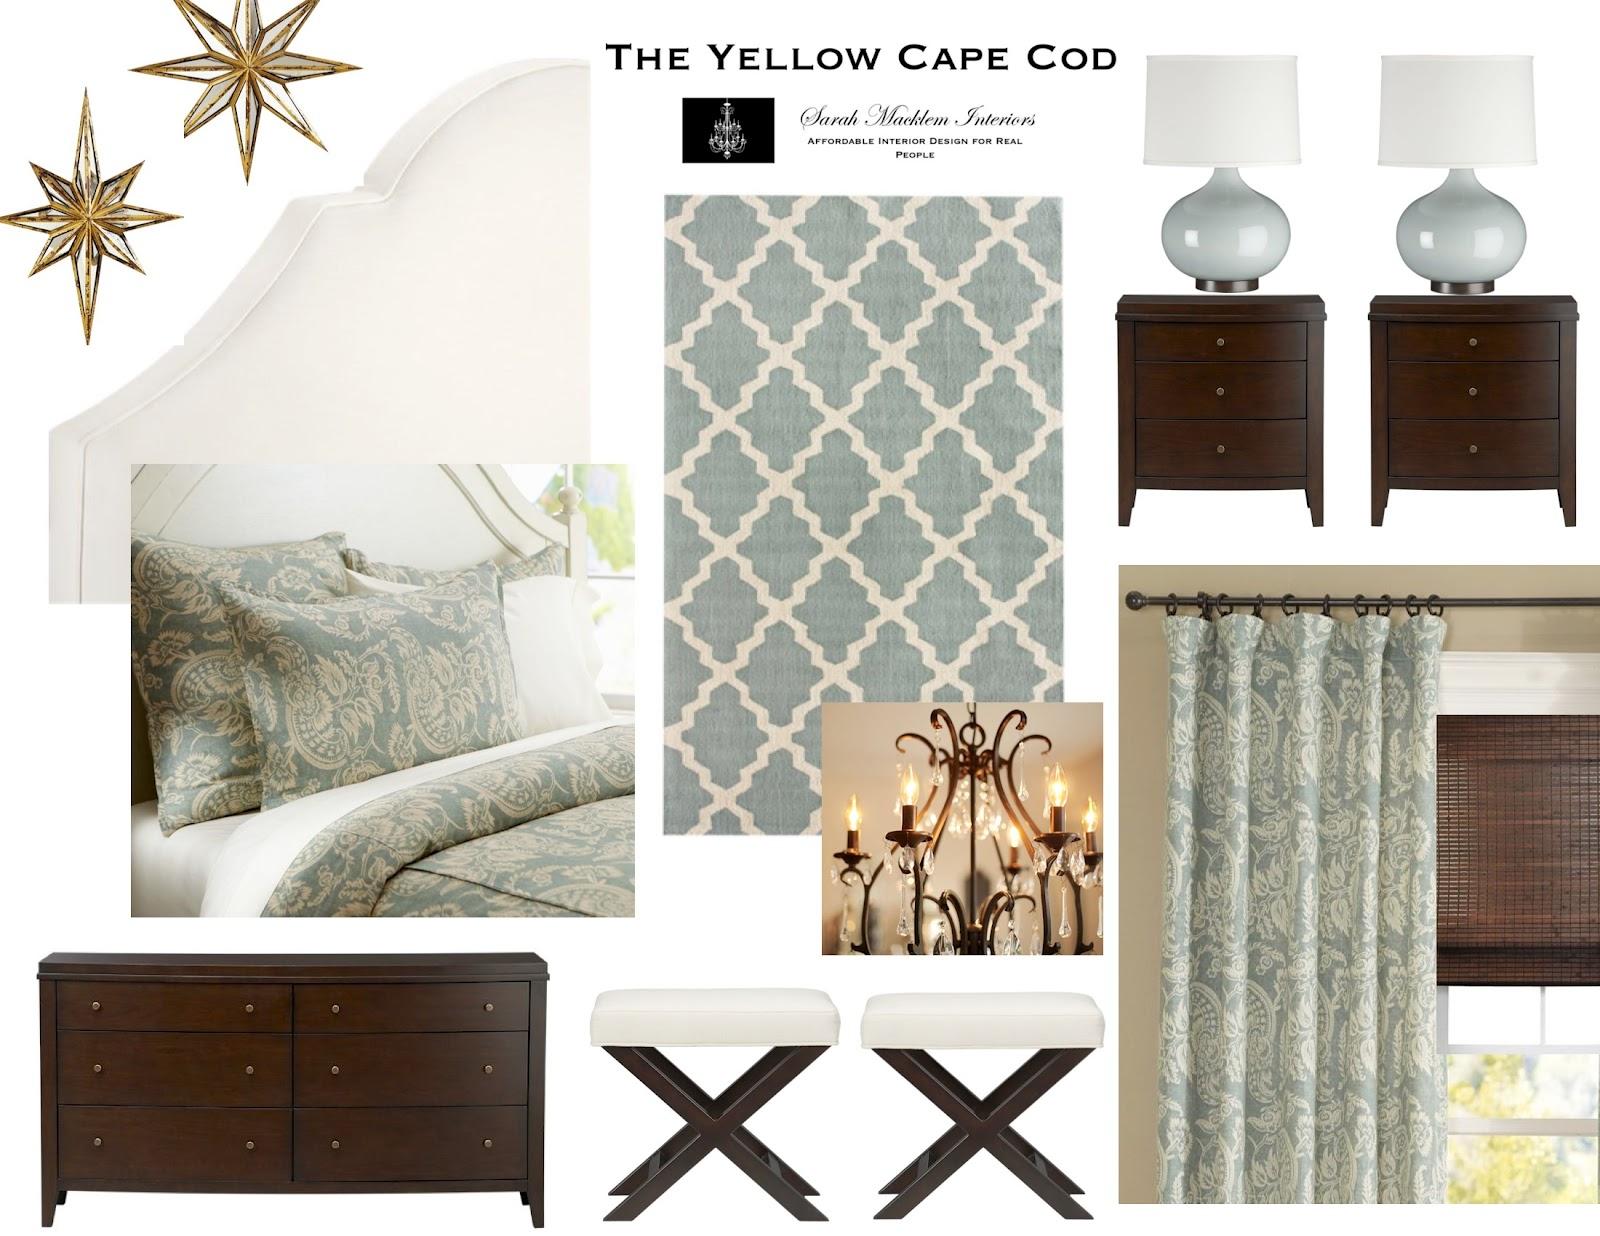 The Yellow Cape Cod: Design Services